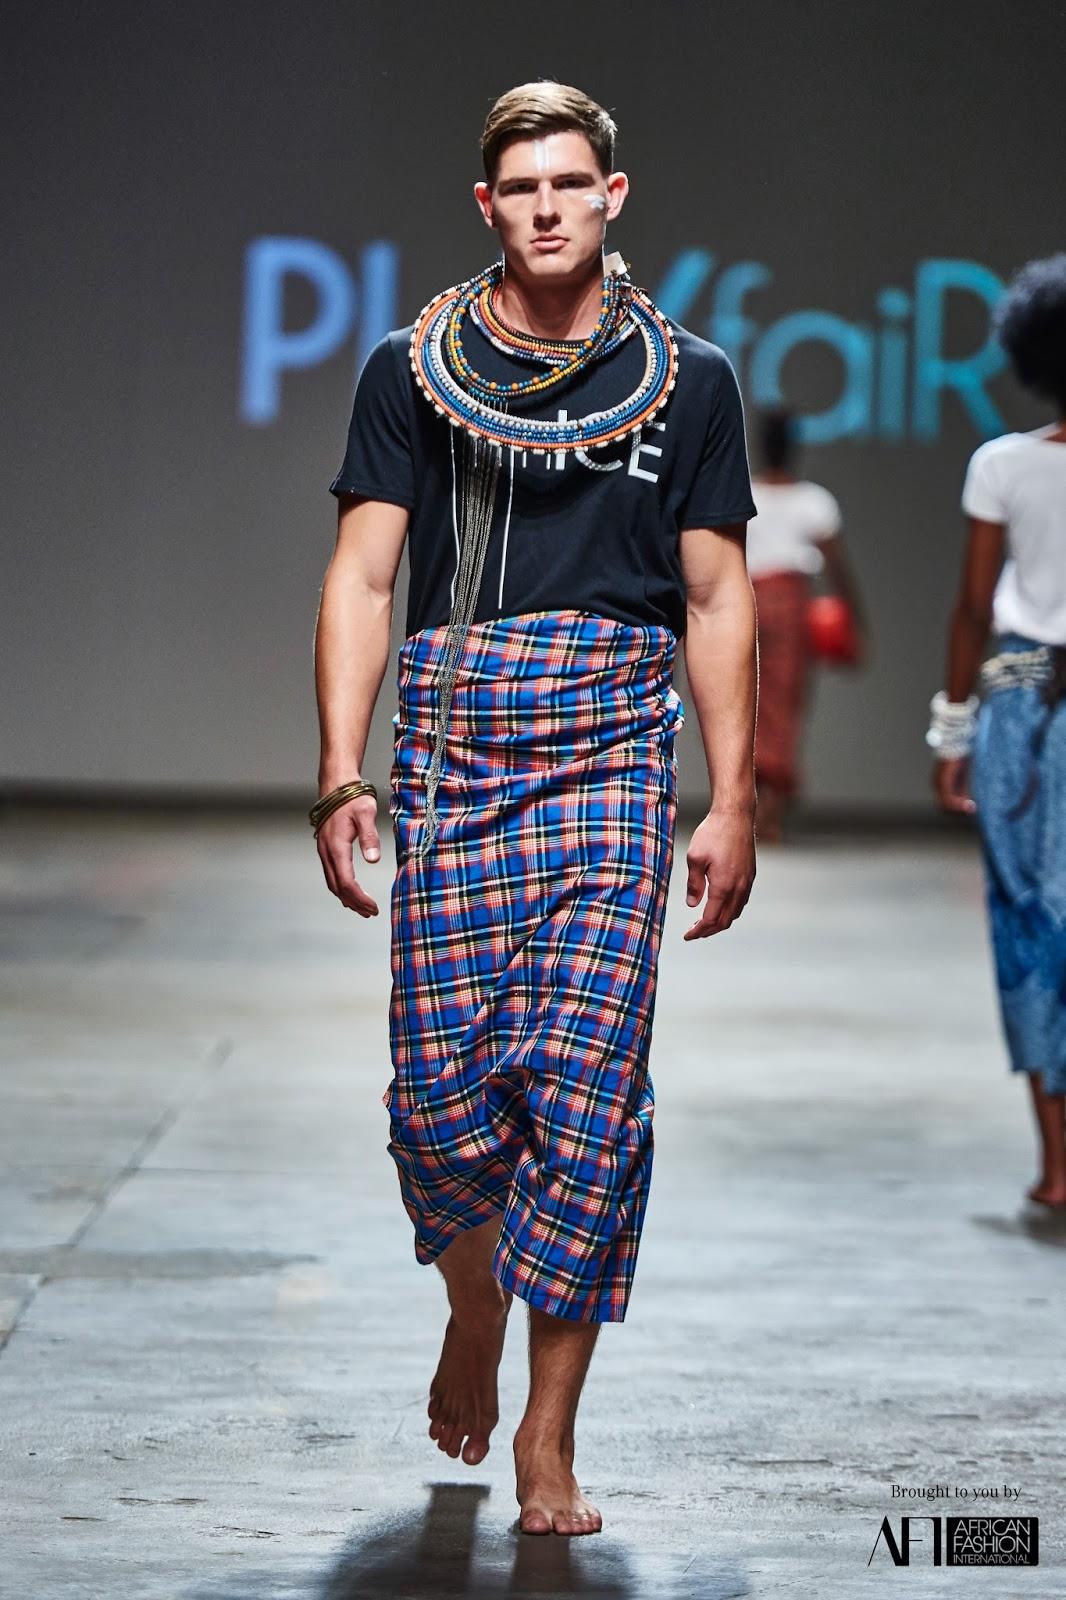 Fashion Revolution Fall Winter 2017 Cape Town Fashion